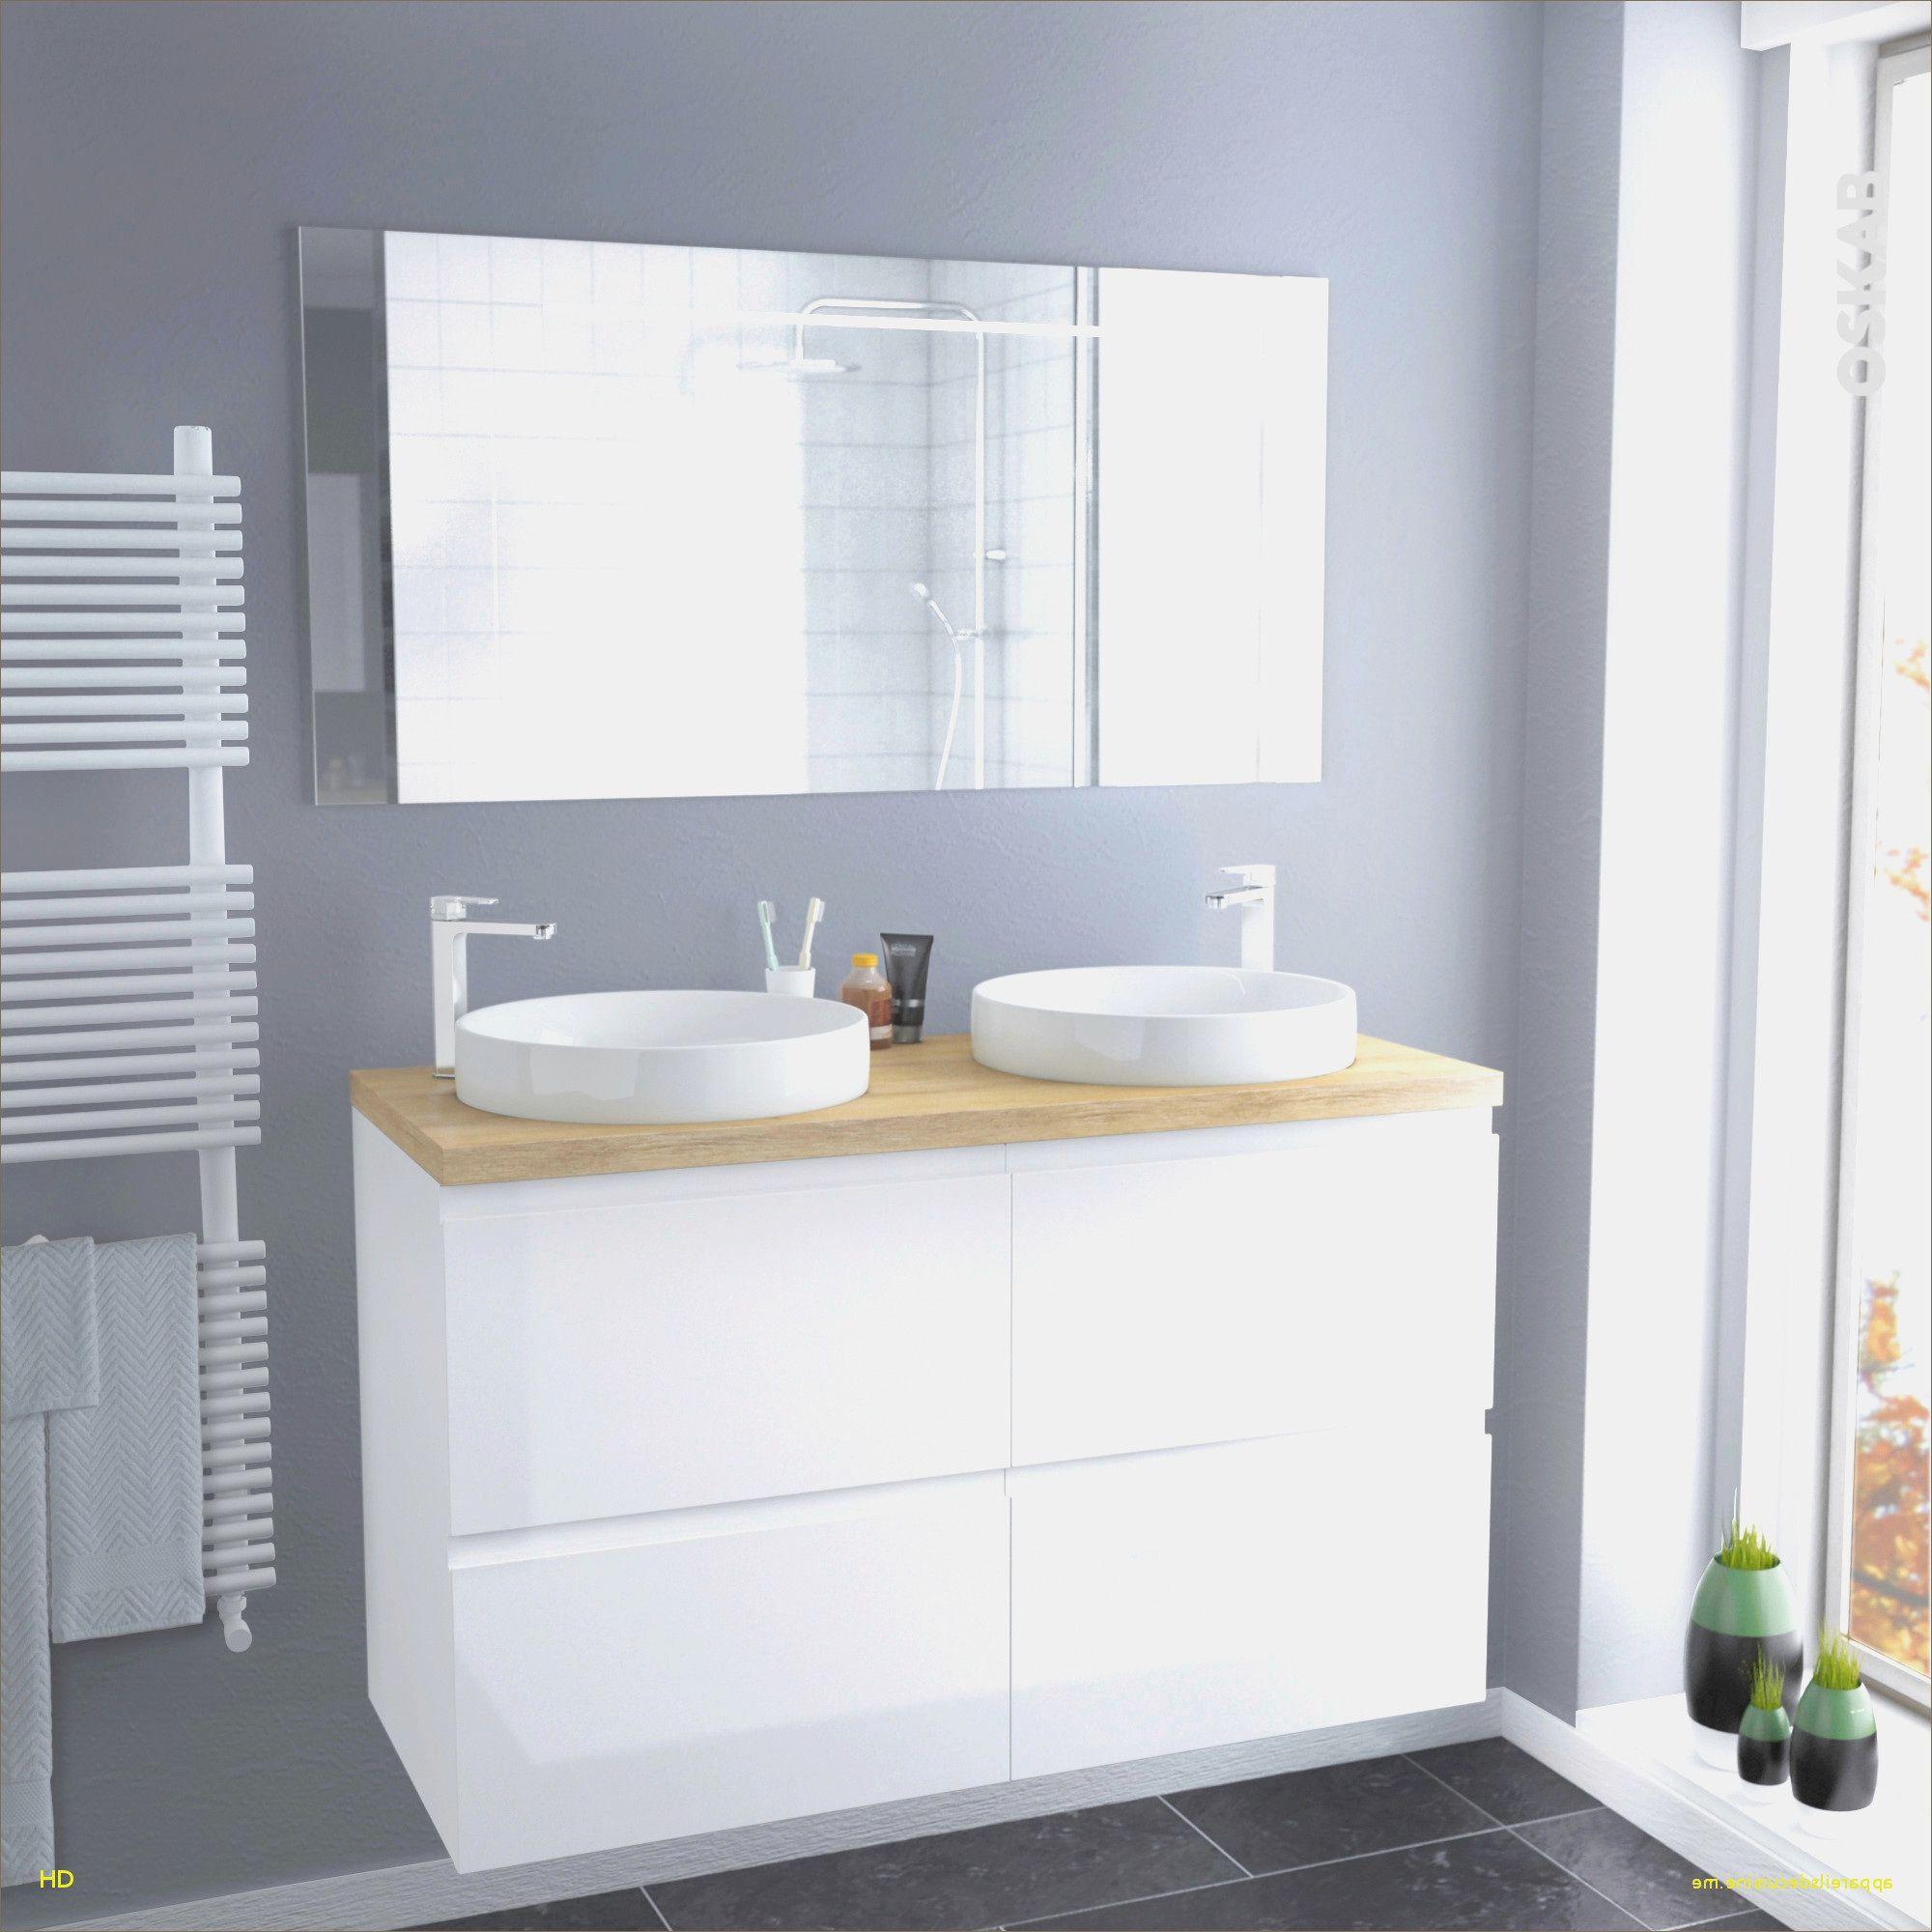 Pin By Prtha Lastnight On Cuisine Design Bathroom Modern Bathroom White Bathroom